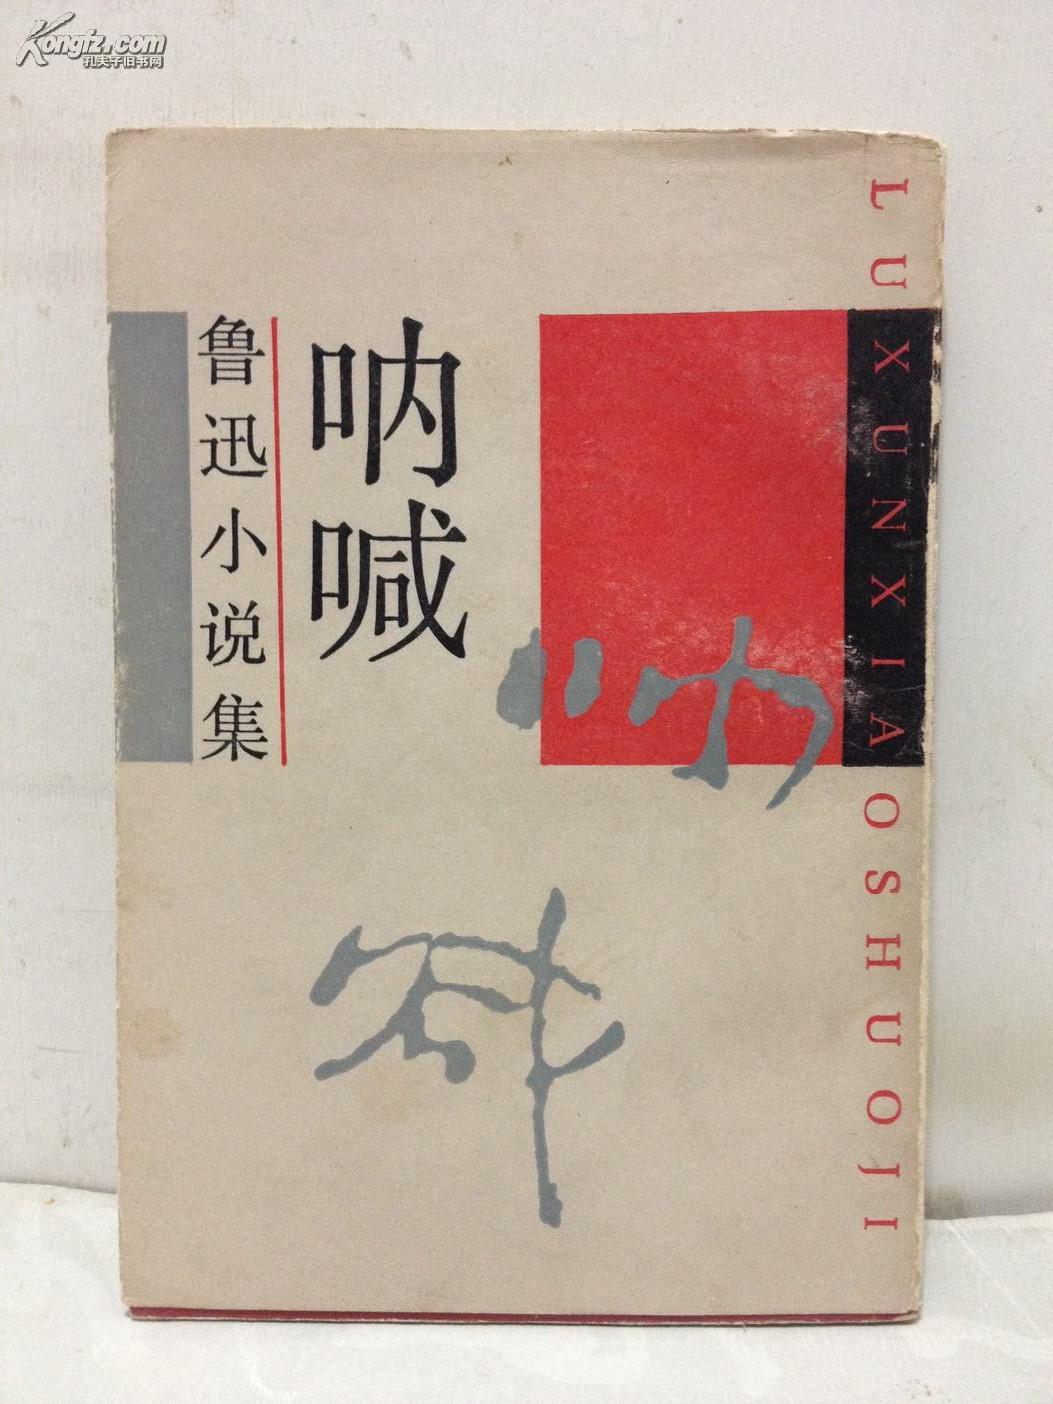 风筝选自_鲁迅小说集呐喊-鲁迅为什么给自己的第一本小说集命名为呐喊